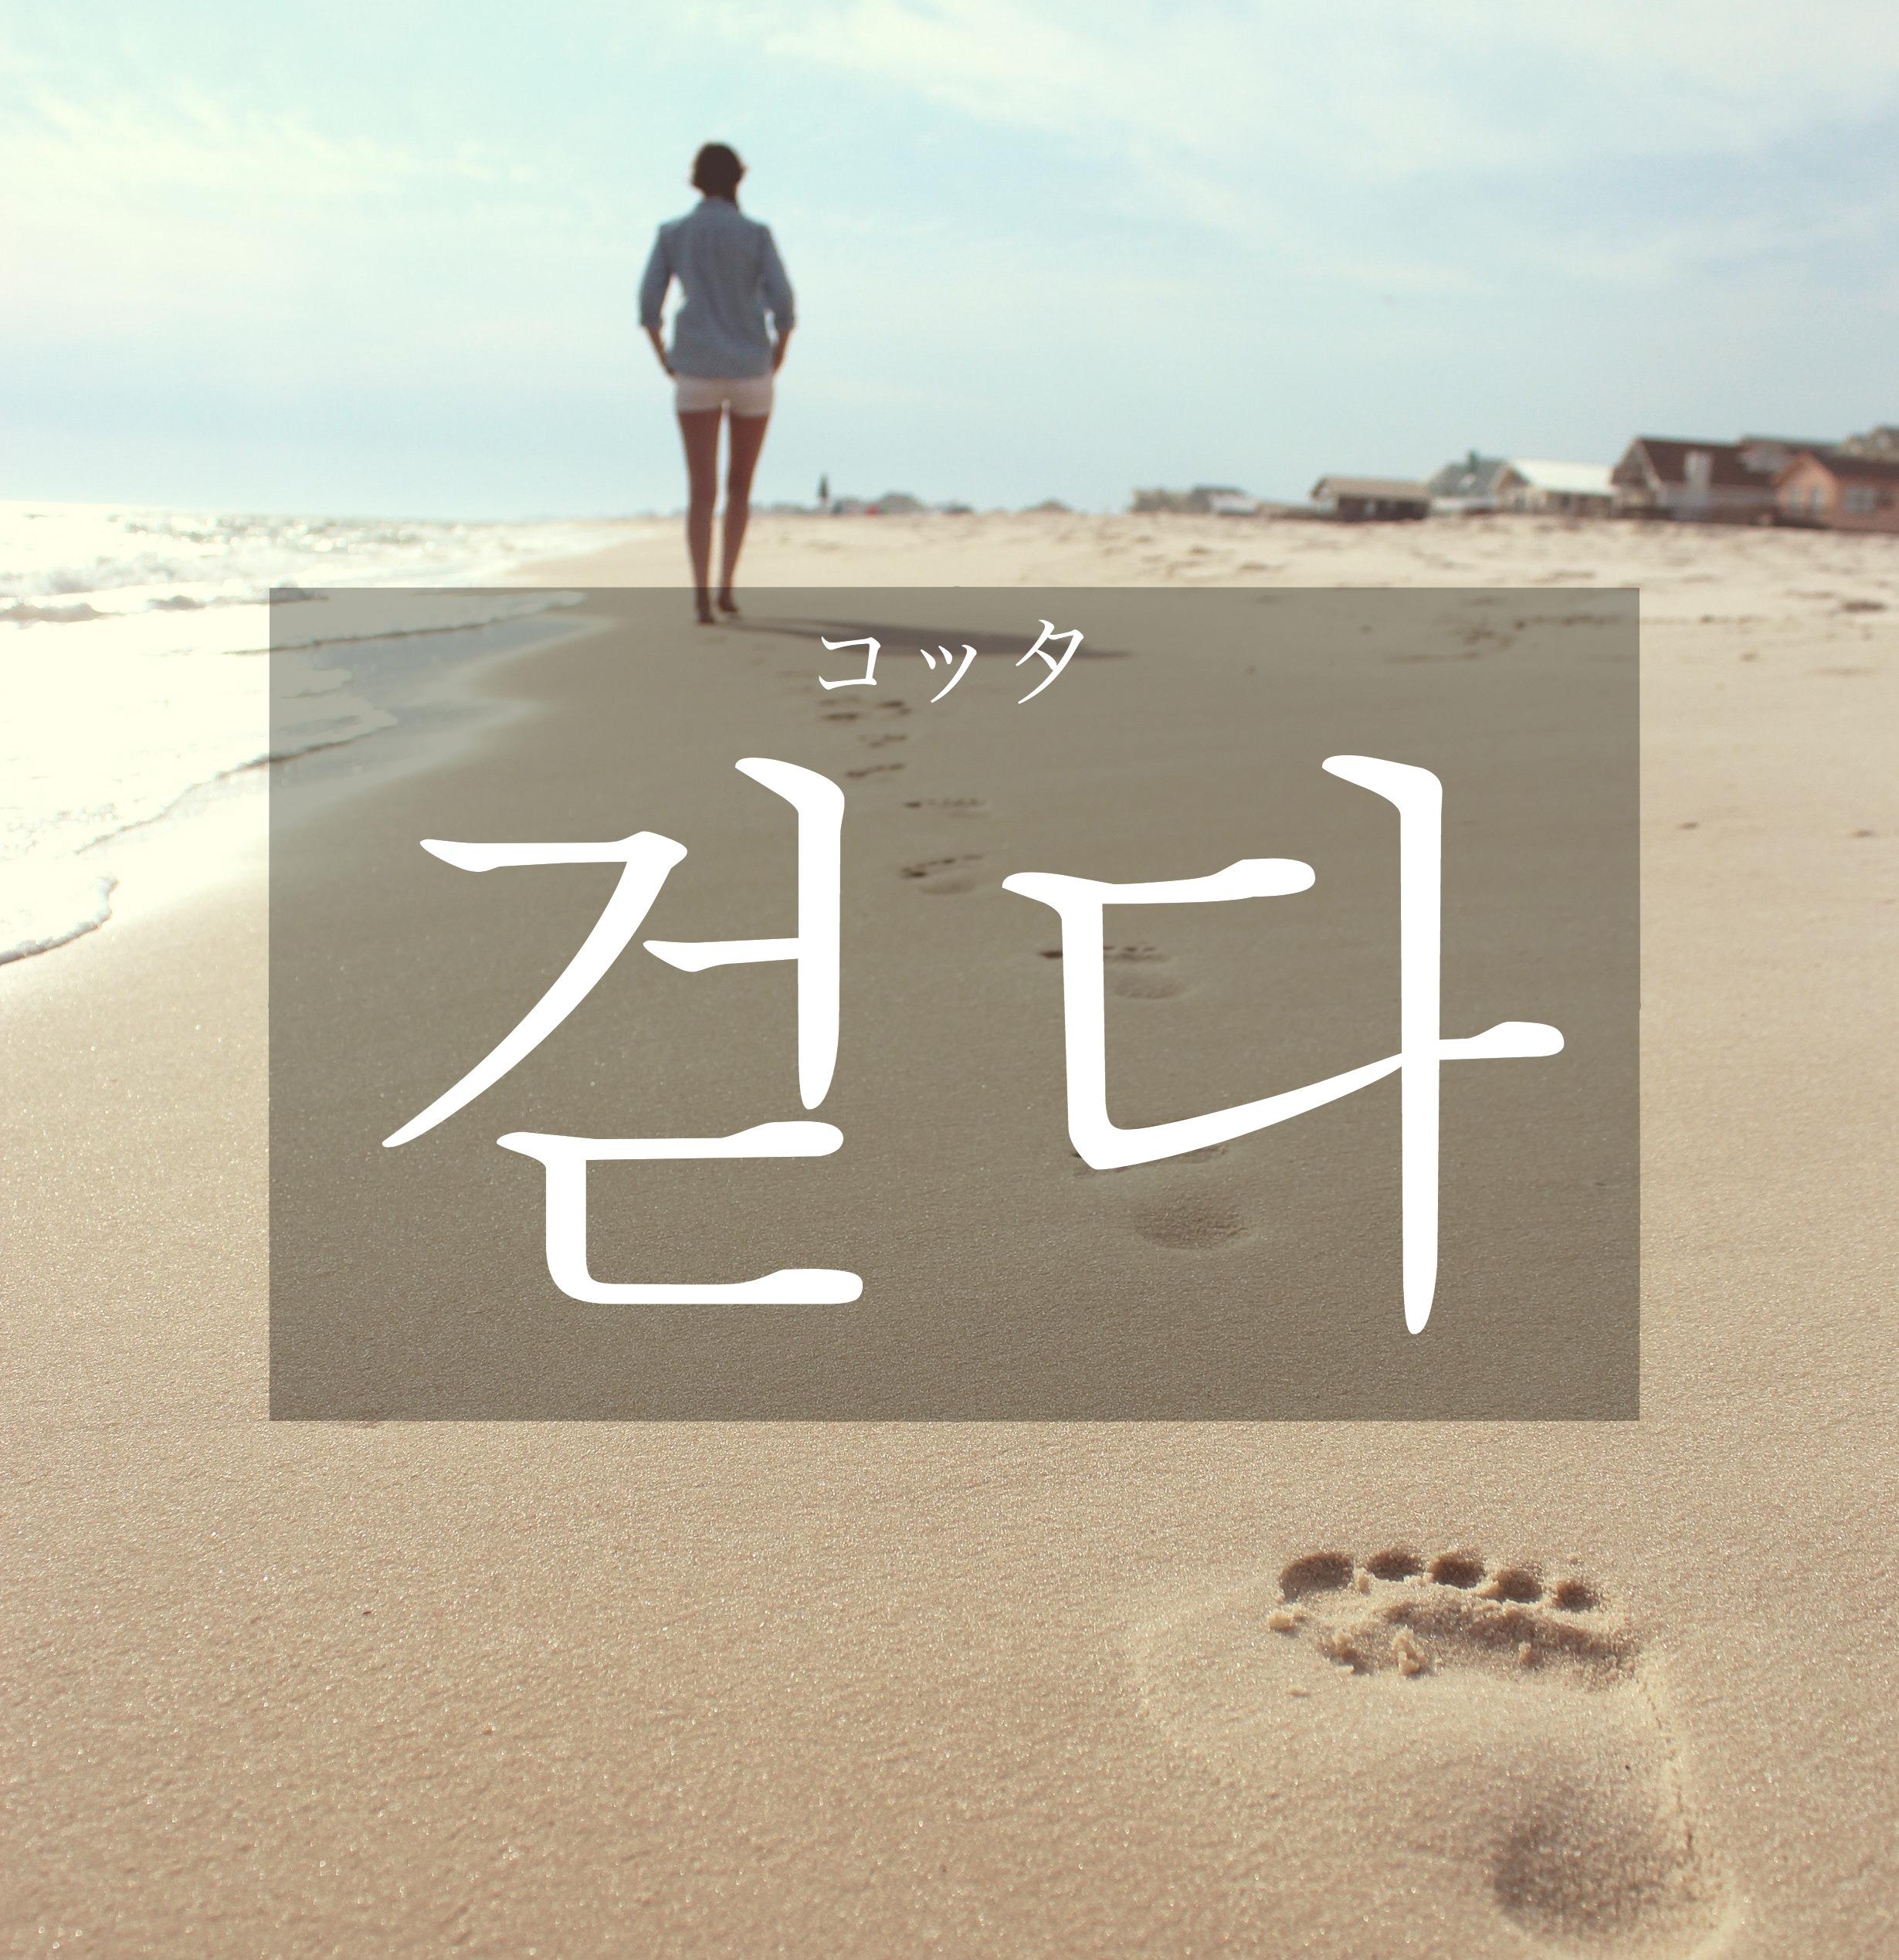 韓国語で「歩く」の【걷다(コッタ)】をタメ語で覚えよう!